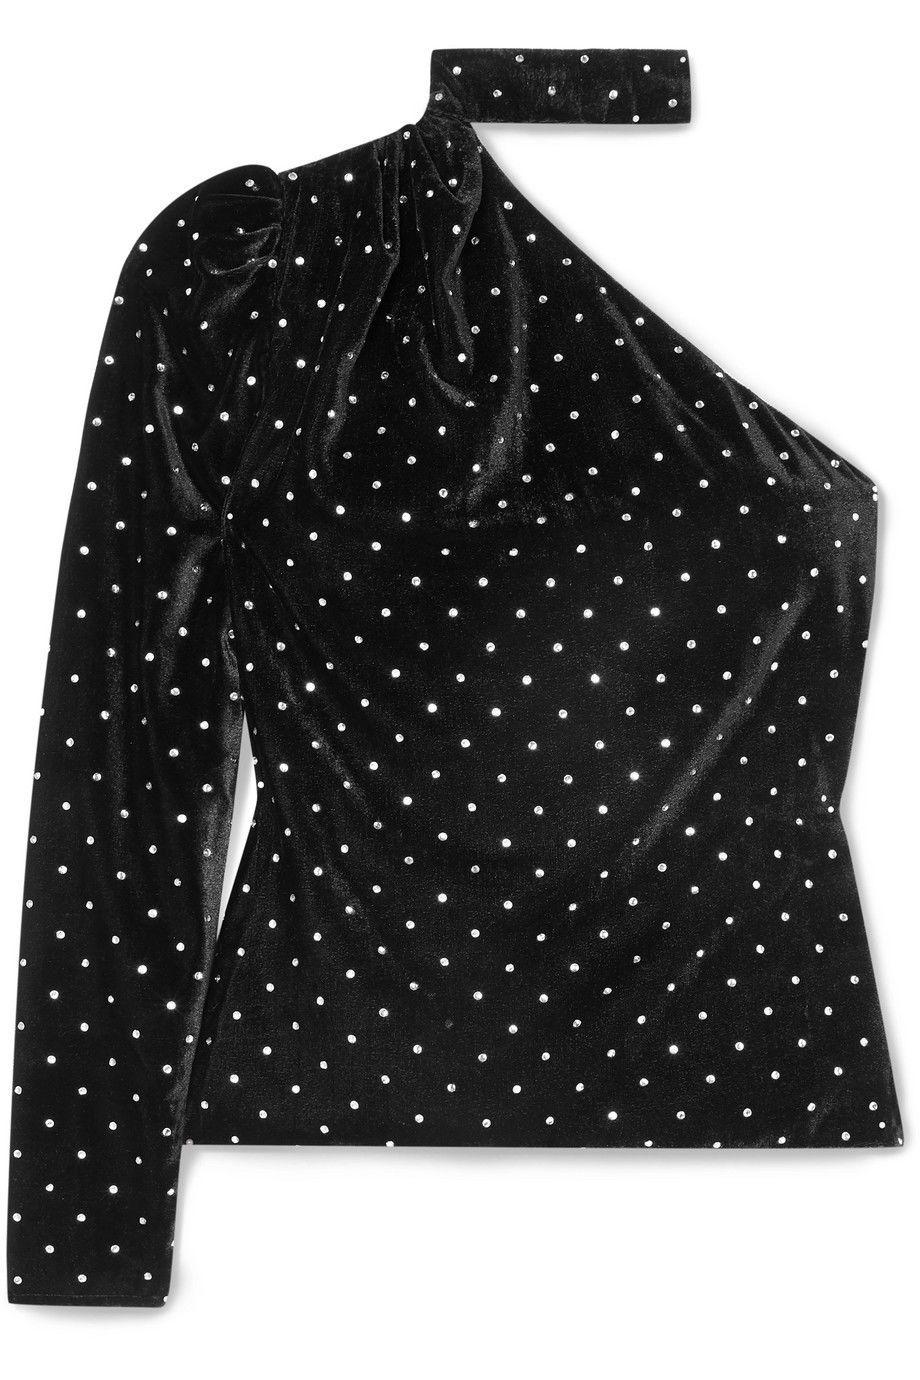 #PopbelaOOTD: Atasan Elegan yang Bisa Dipadukan dengan Celana Jeans